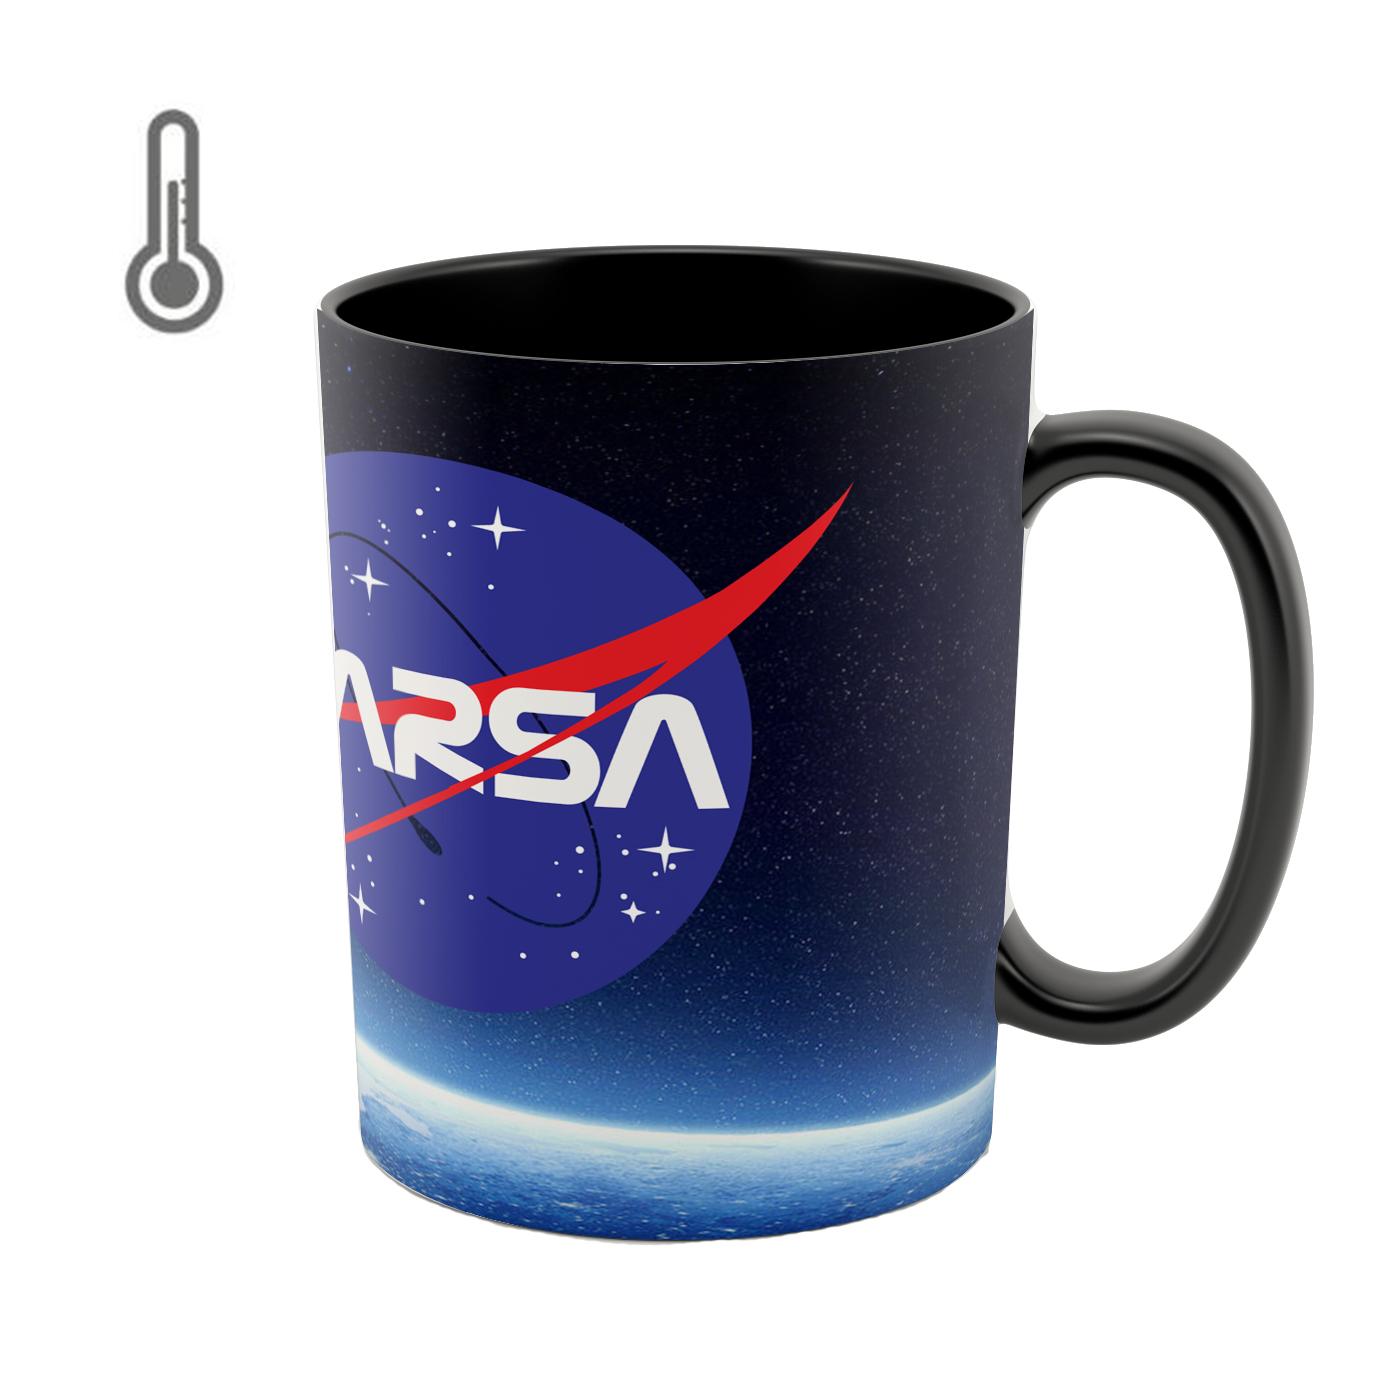 عکس ماگ حرارتی طرح ناسا مدل پارسا